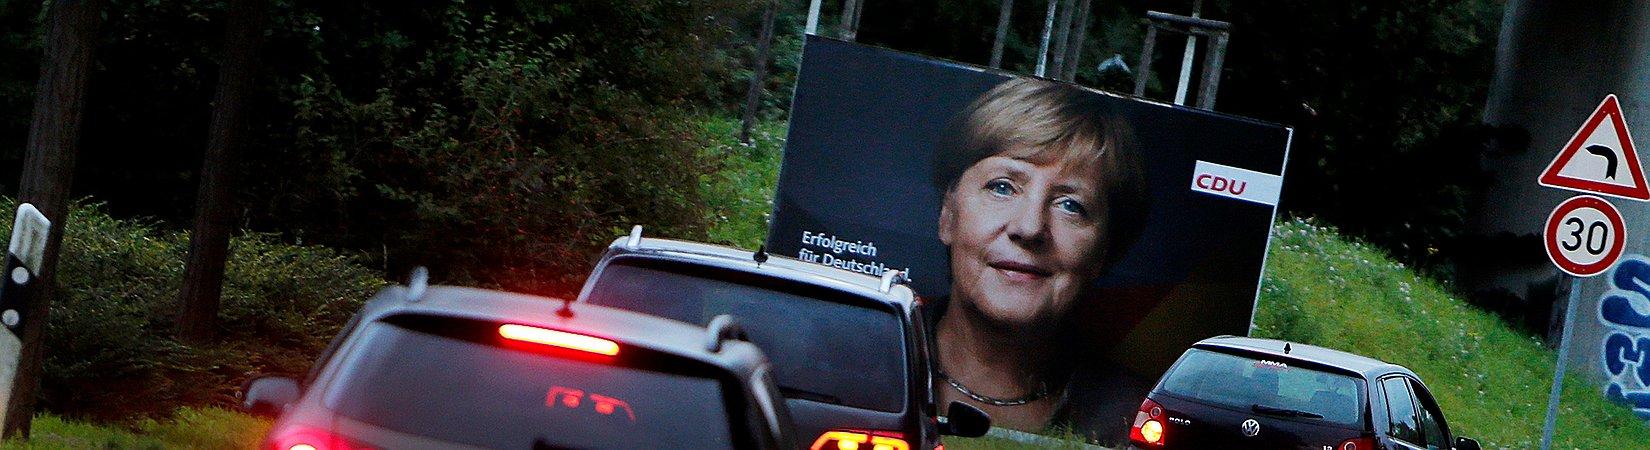 Angela Merkel procura quarto mandato como chanceler da Alemanha